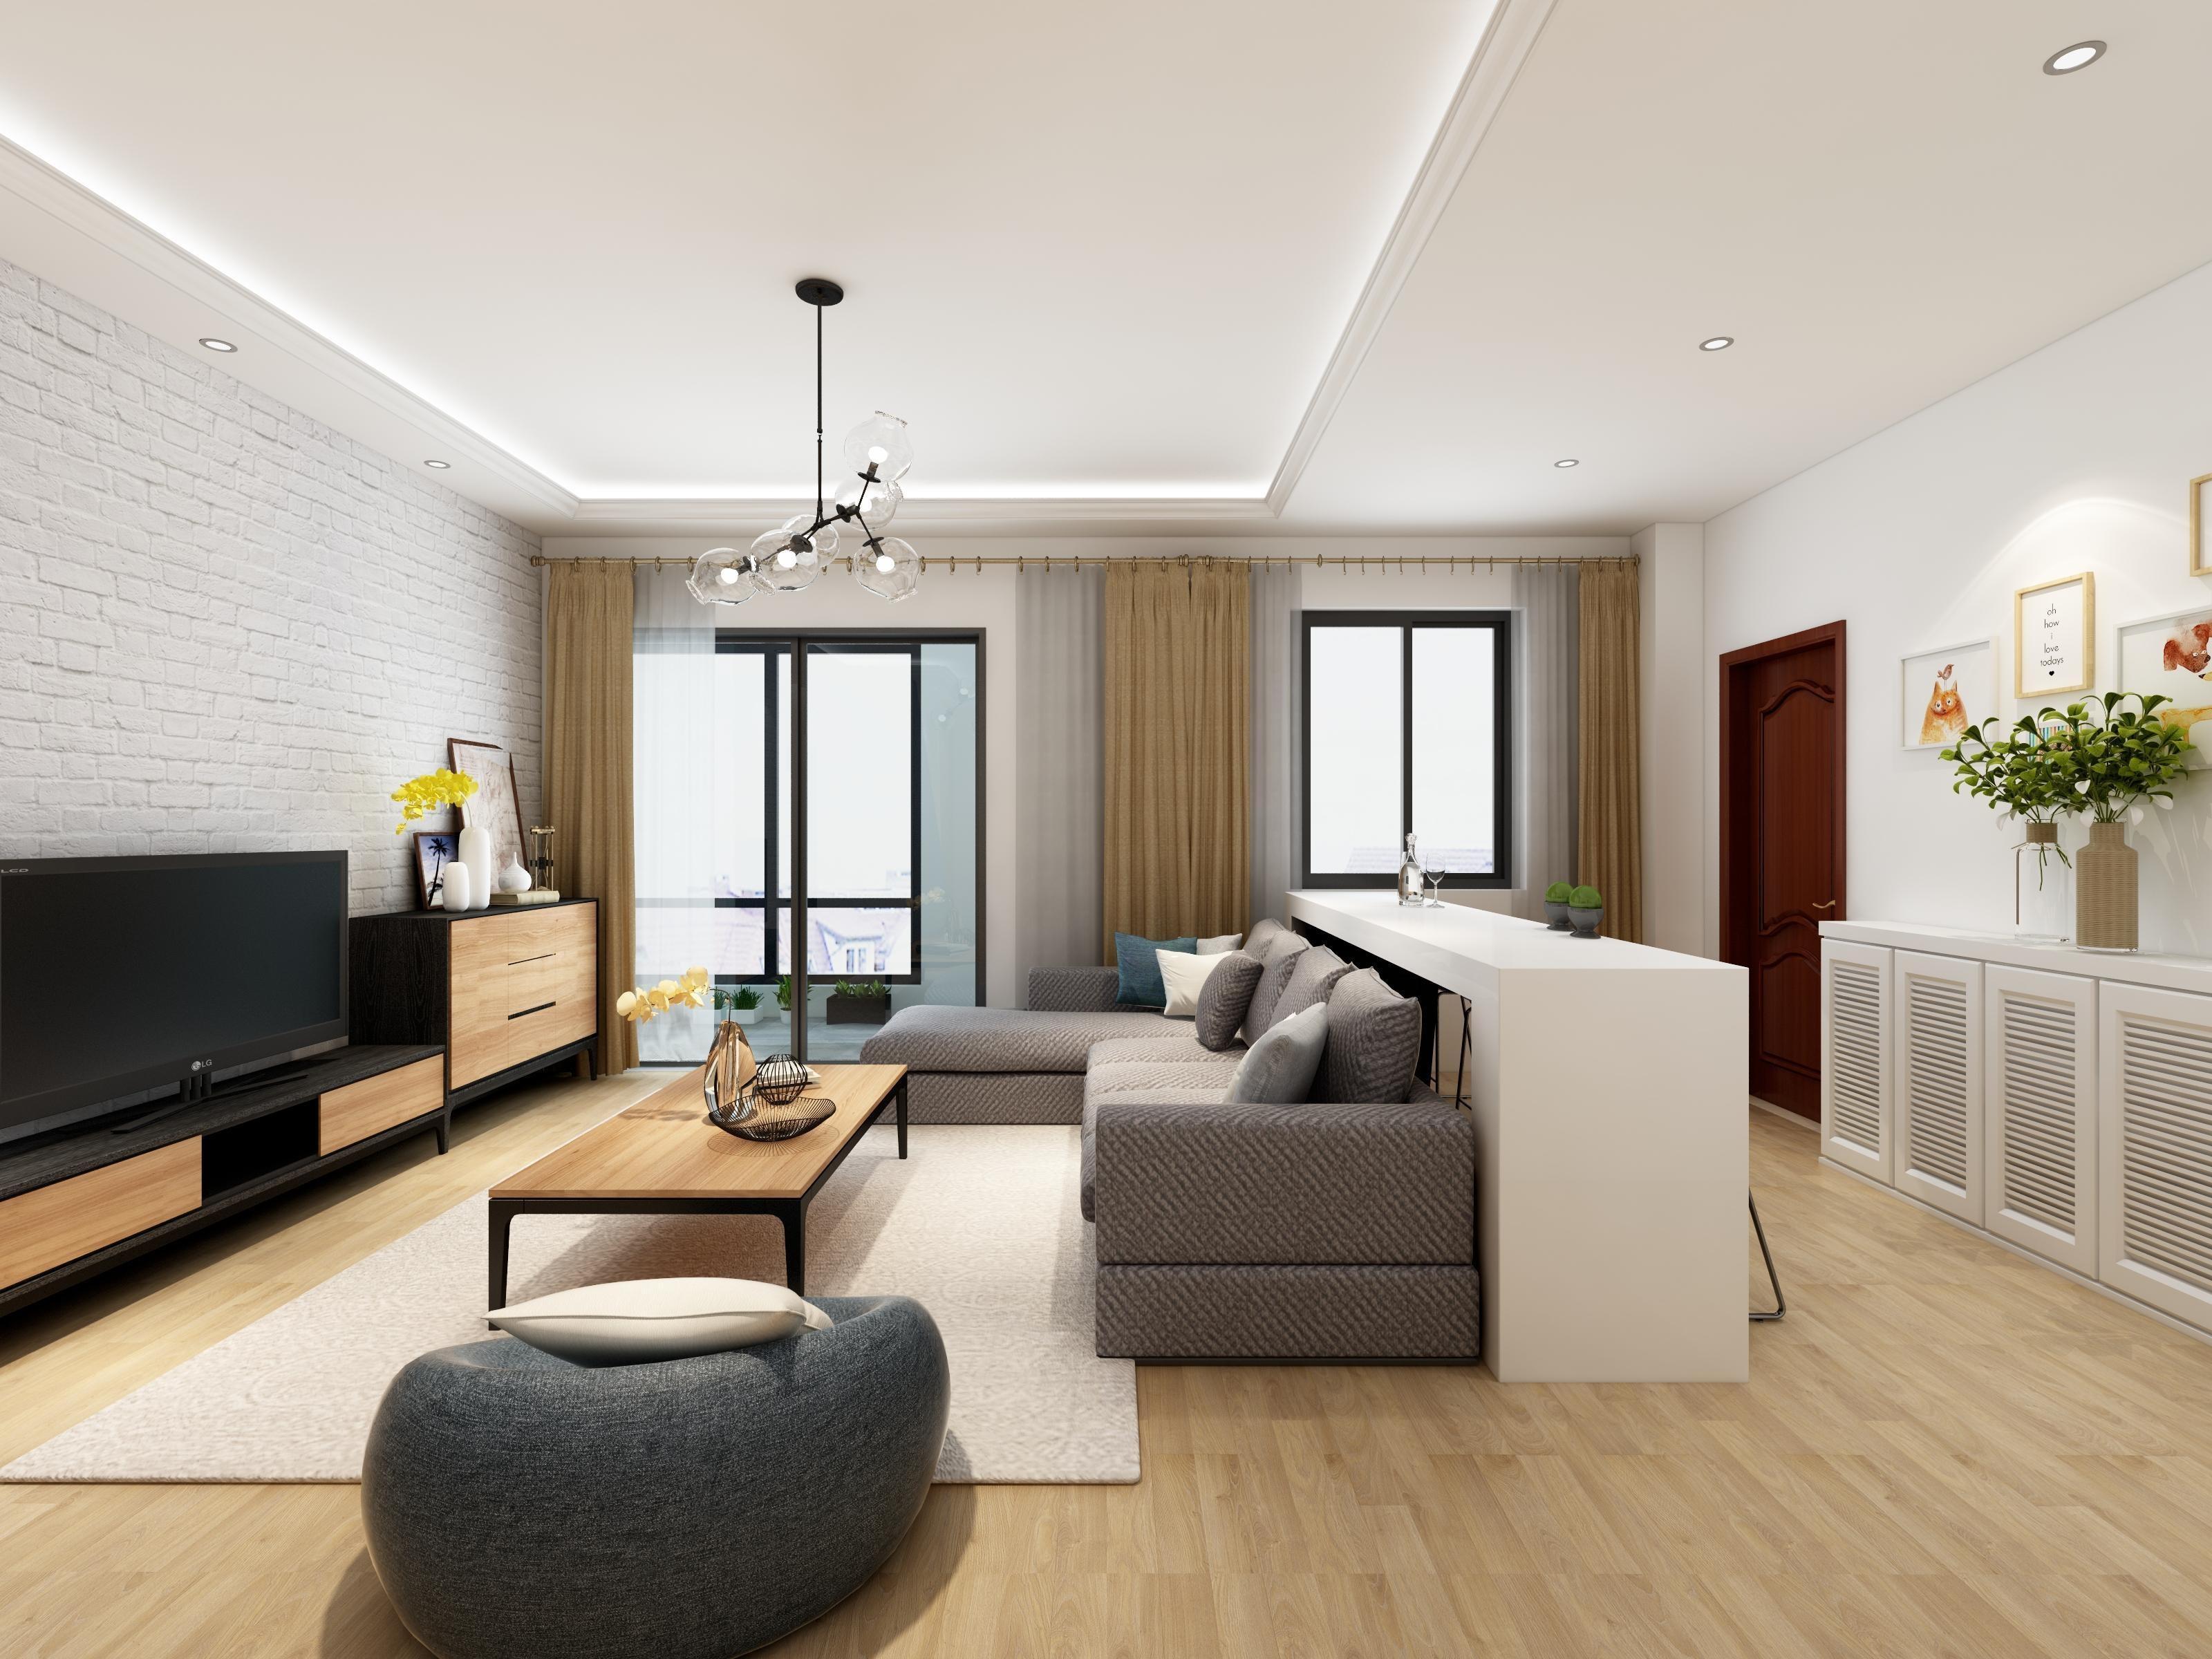 崇尚简单自然,两室一厅现代简约